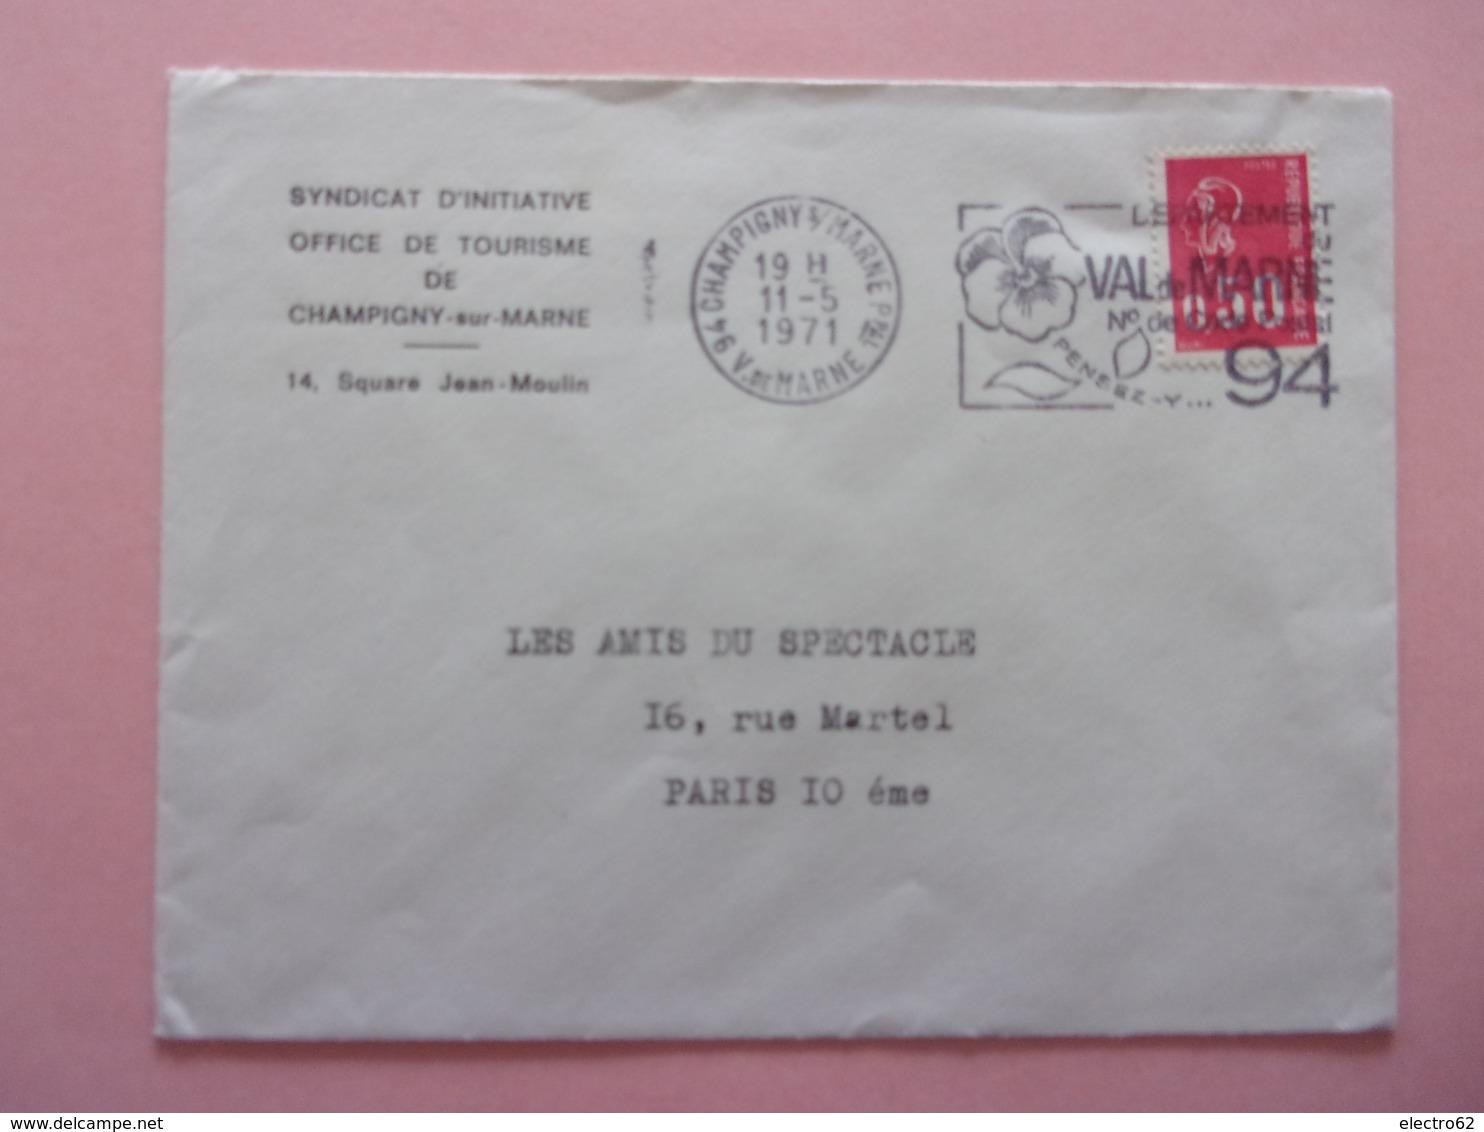 Syndicat D'initiative Champigny-sur-Marne , Val De Marne, N° De Code Postal, Fleur Pensée Marianne De,Béquet - Oblitérations Mécaniques (flammes)